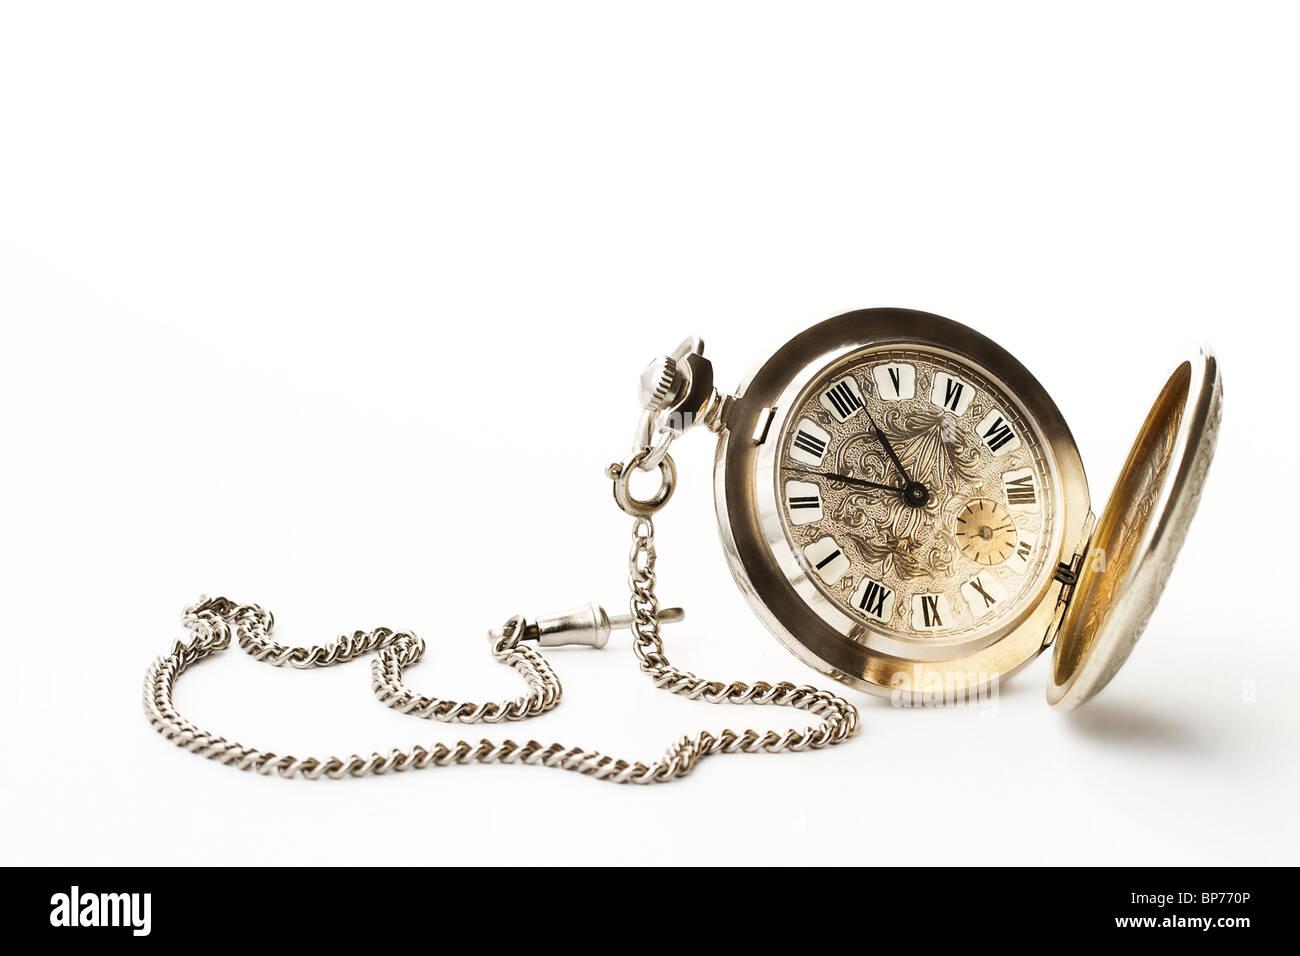 Antiguo reloj de bolsillo sobre fondo blanco. Imagen De Stock